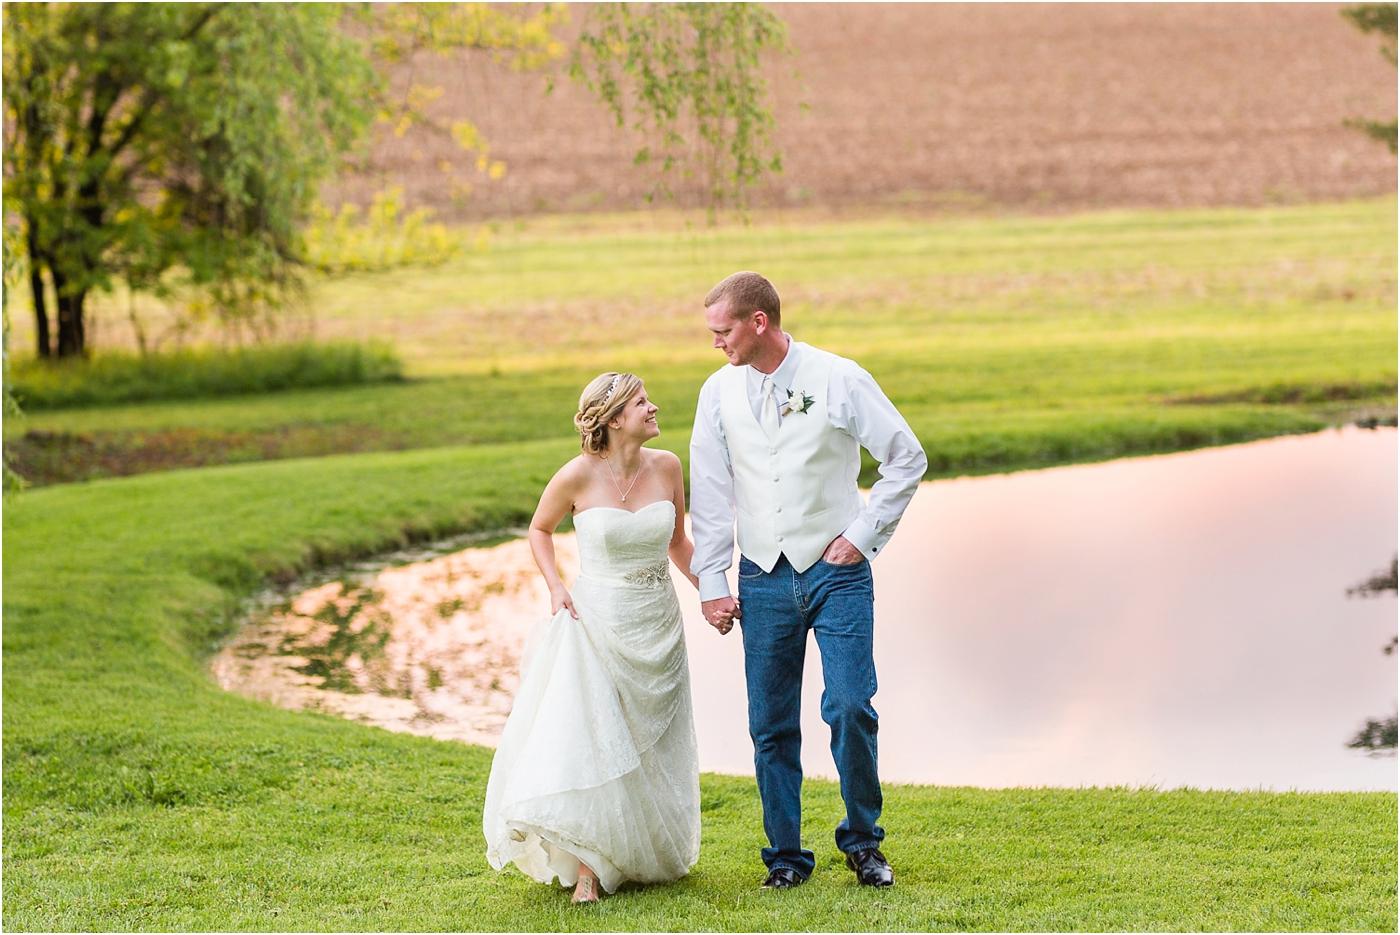 Royer-House-Wedding-Photos-111.jpg